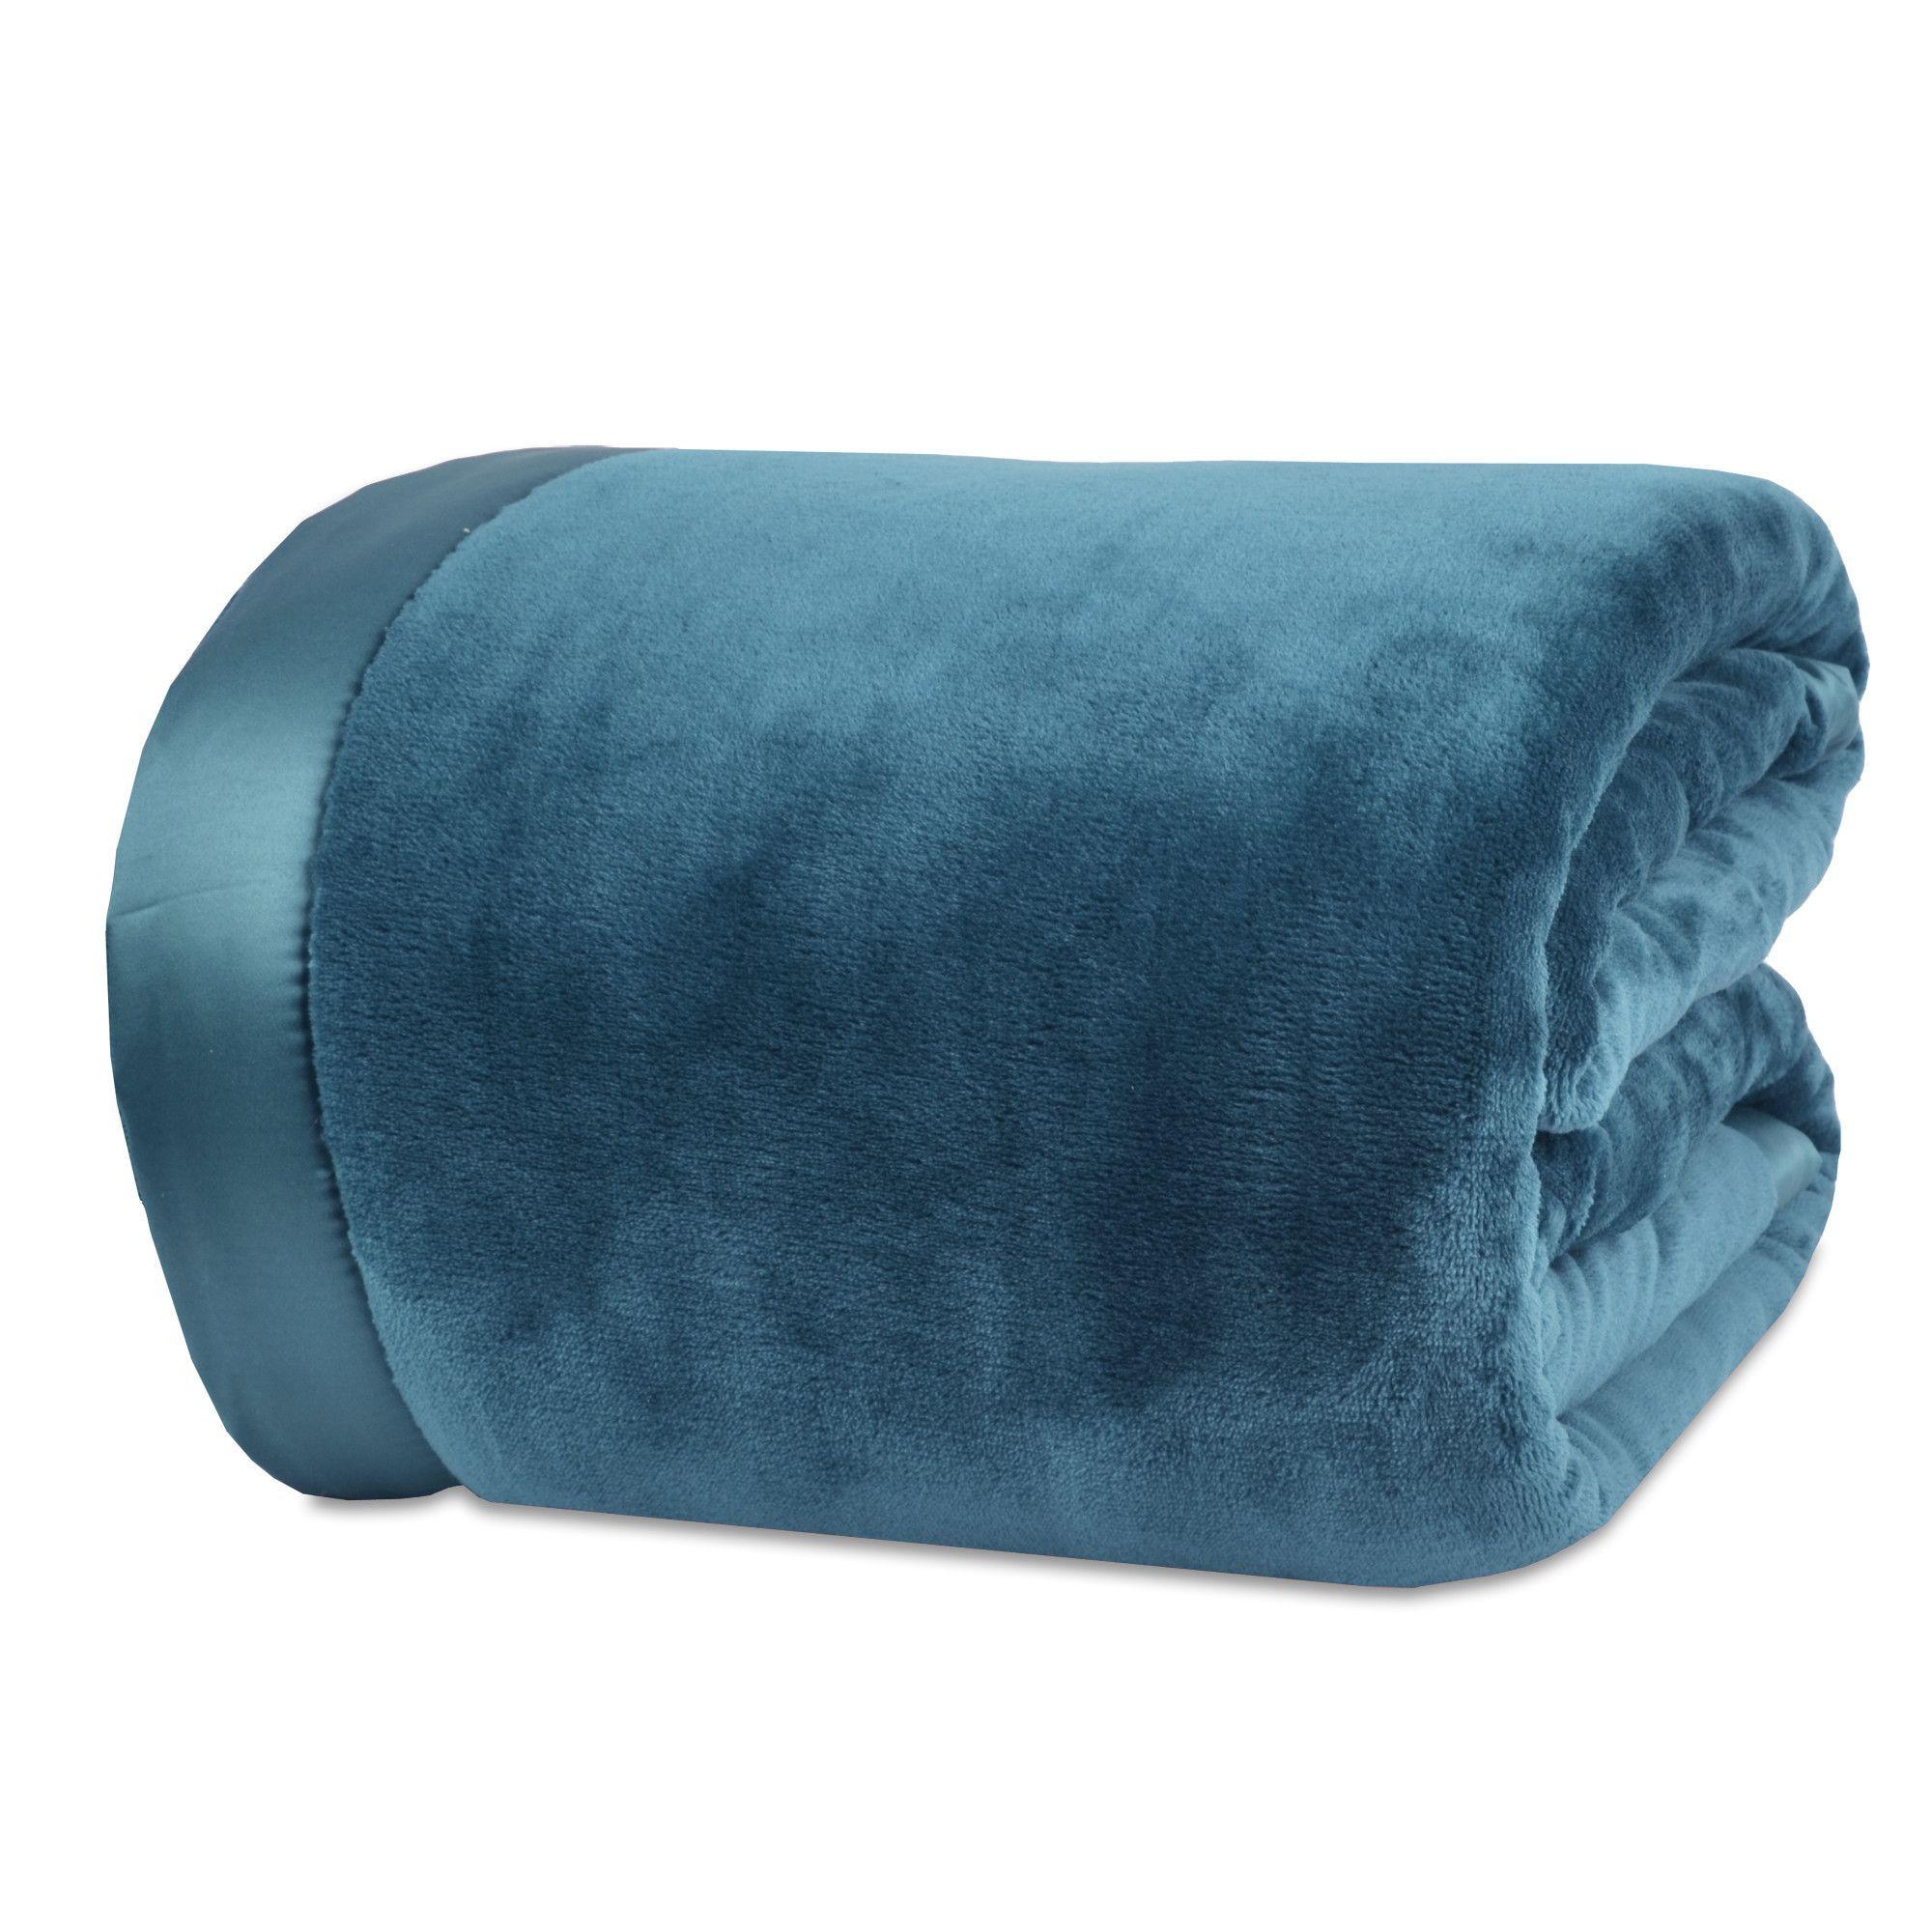 Velvetloft Blanket Berkshire Blanket Blanket Comfy Blankets